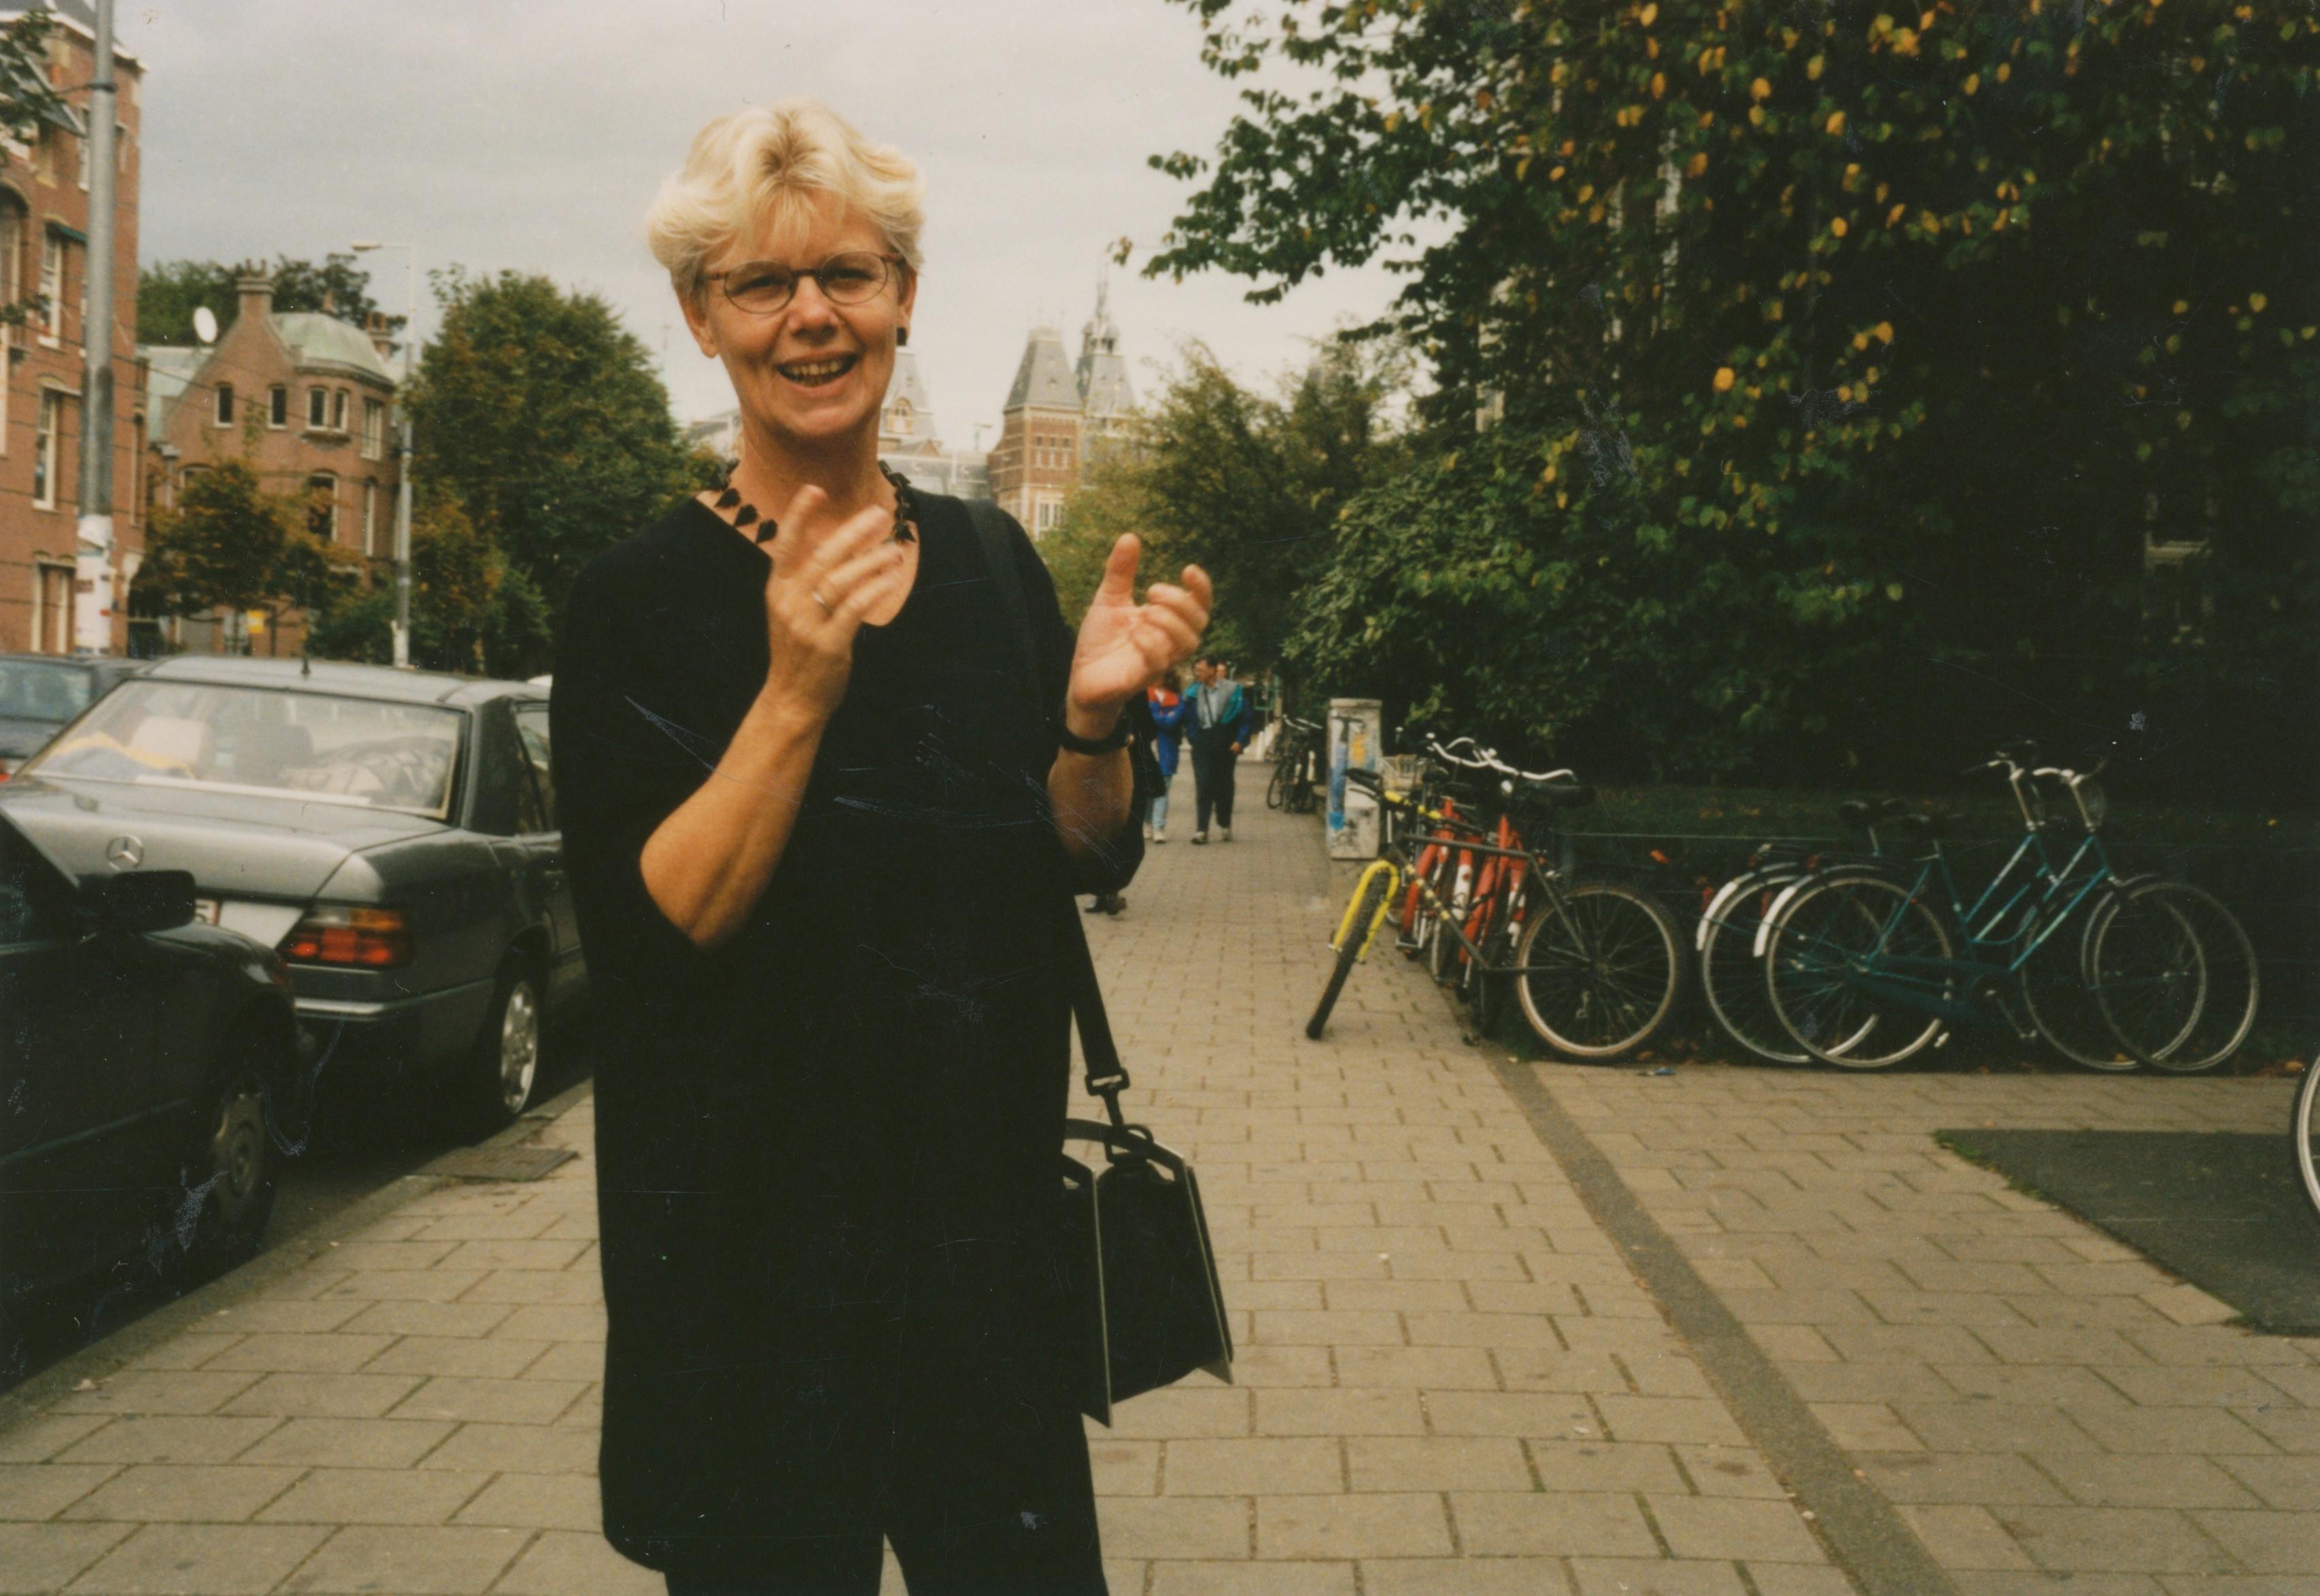 Claartje Keur, Zelfportret met halssieraad van Philip Sajet, Amsterdam, Paulus Potterstraat, 1995. Foto Claartje Keur